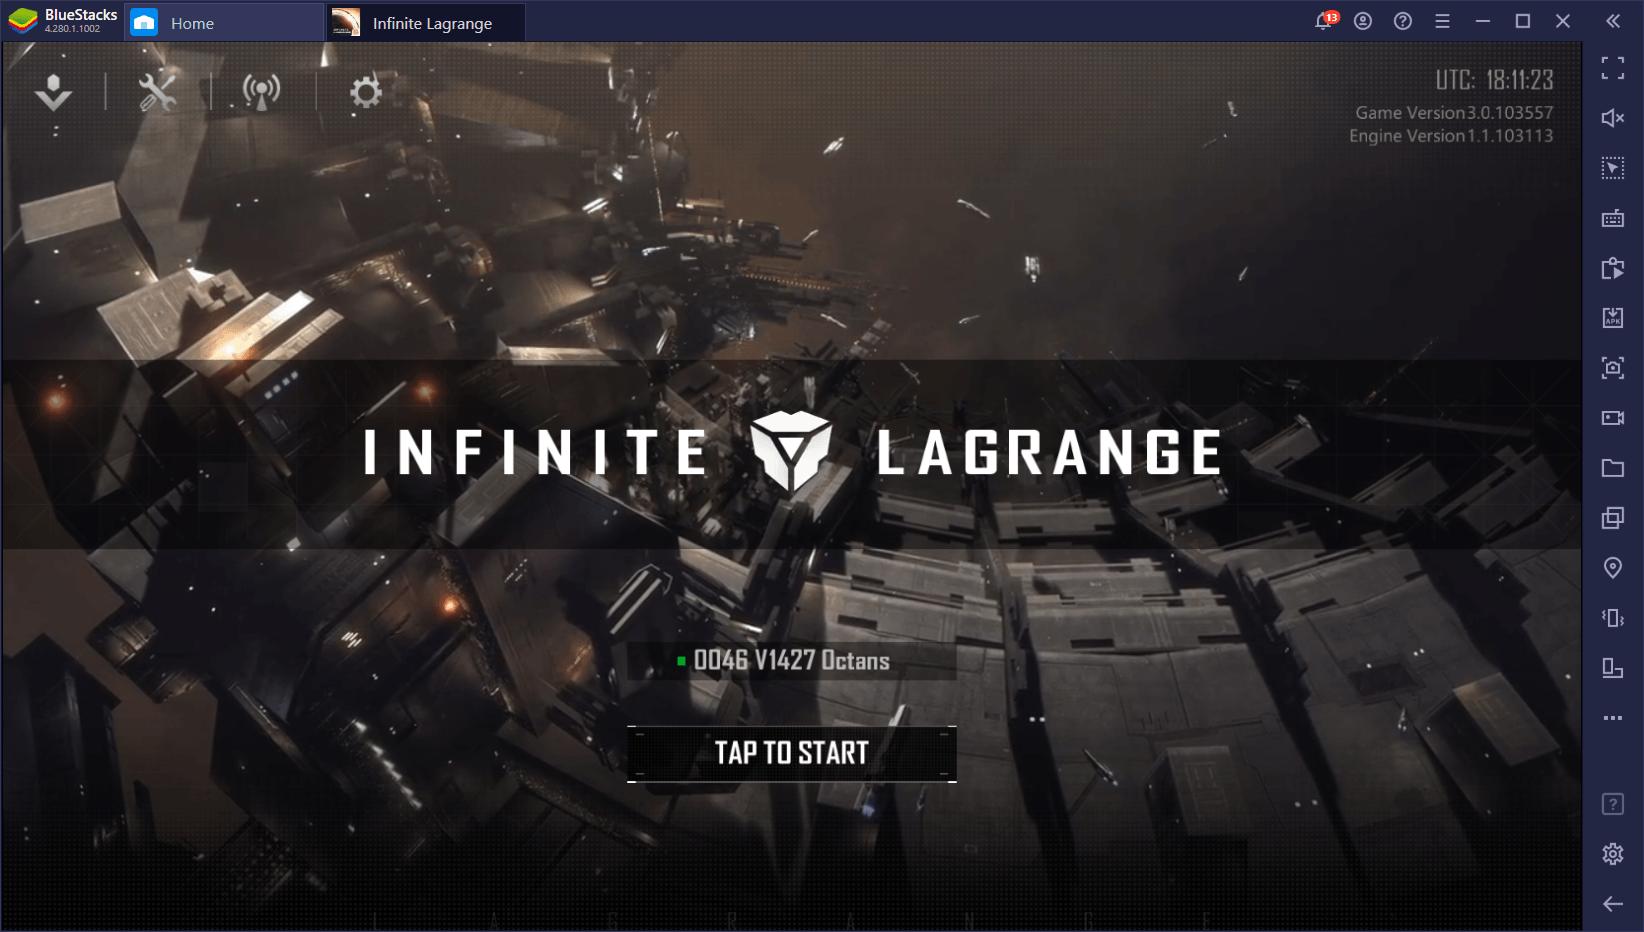 Infinite Lagrange Beginner Tips and Tricks